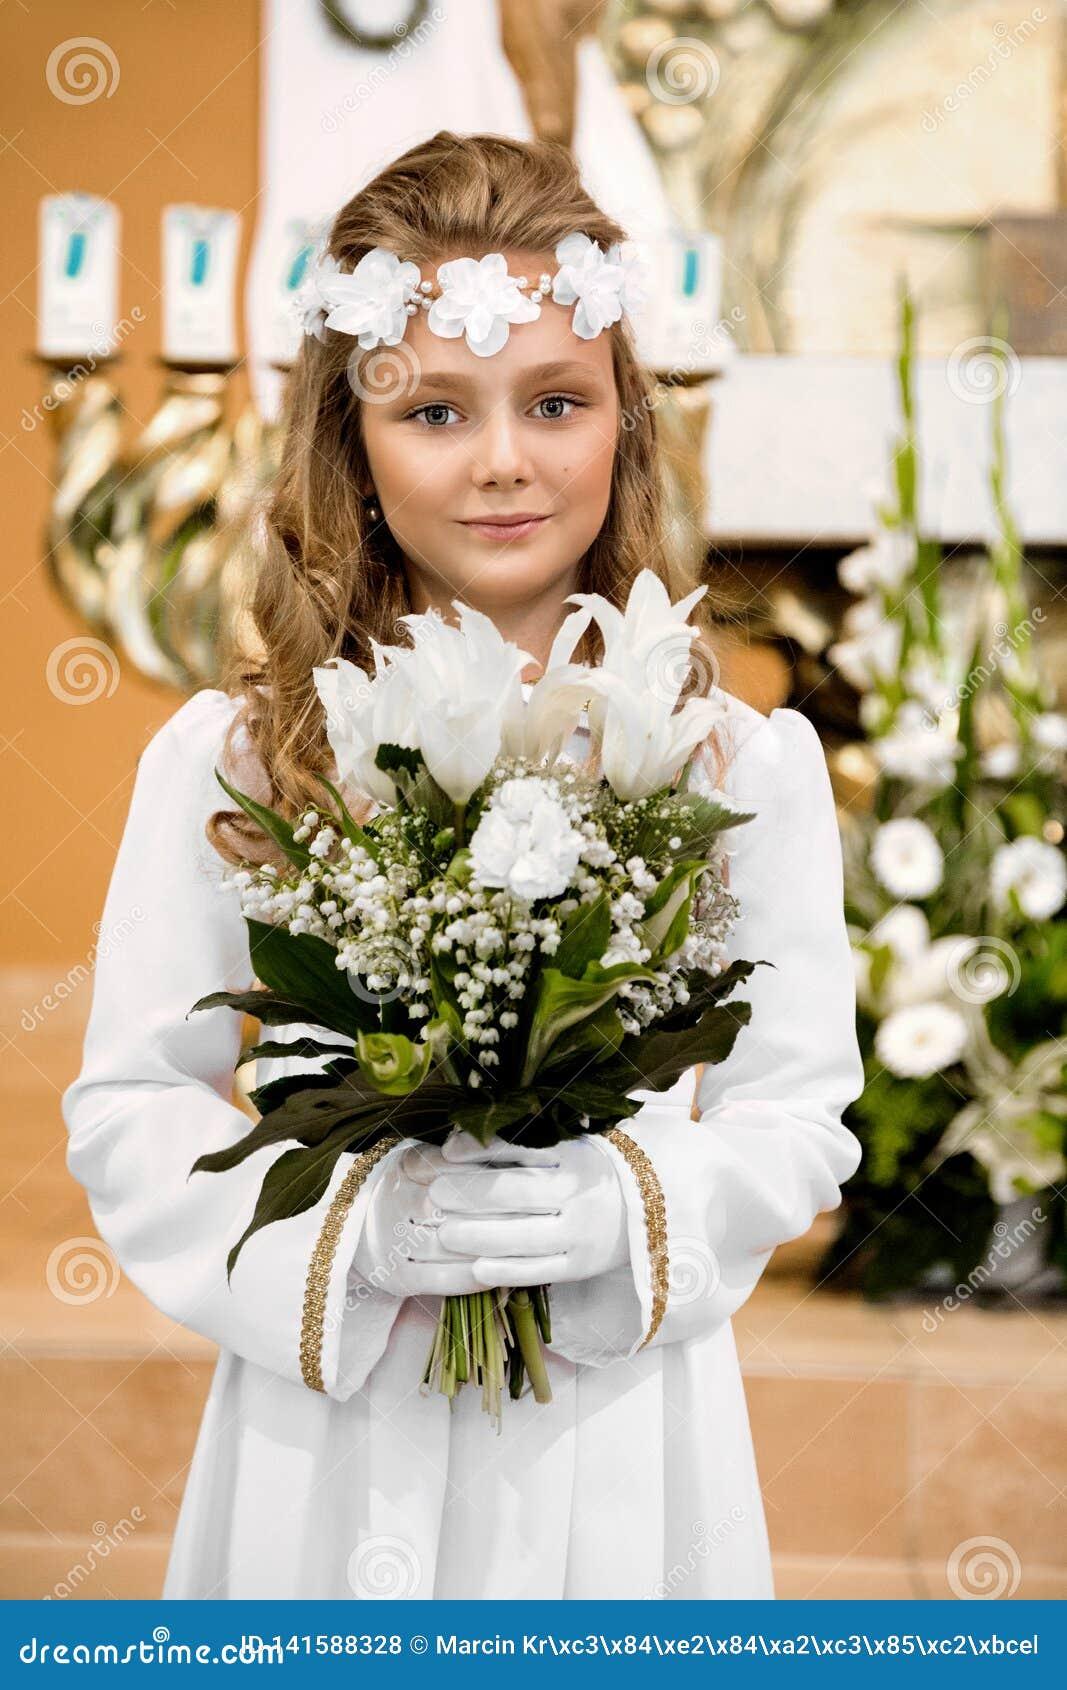 Πορτρέτο του χαριτωμένου μικρού κοριτσιού στο άσπρο φόρεμα και του στεφανιού στην πρώτη ιερή πύλη εκκλησιών υποβάθρου κοινωνίας